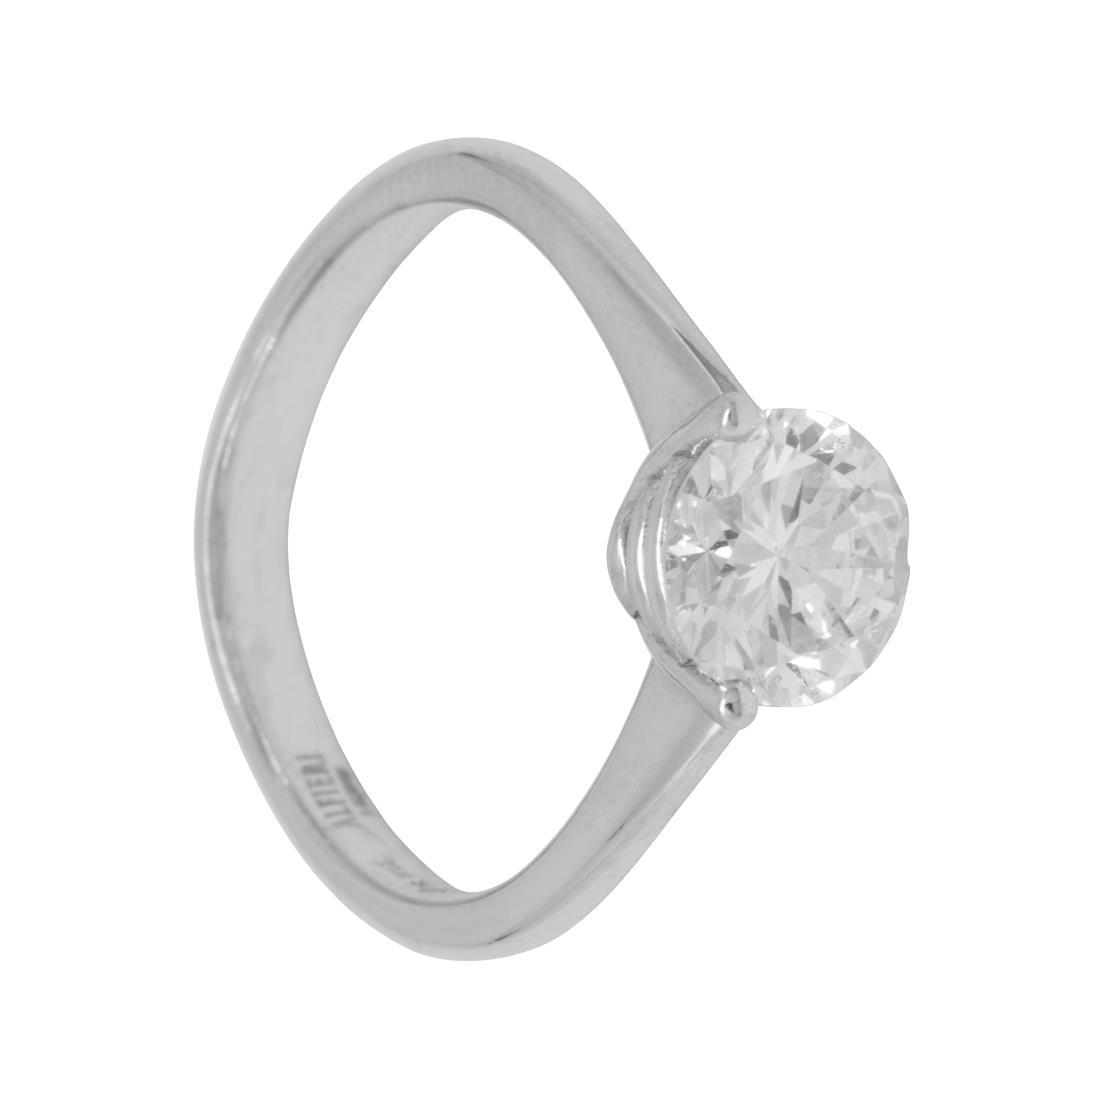 Anello solitario con diamante ct. 1,34 - ALFIERI & ST. JOHN